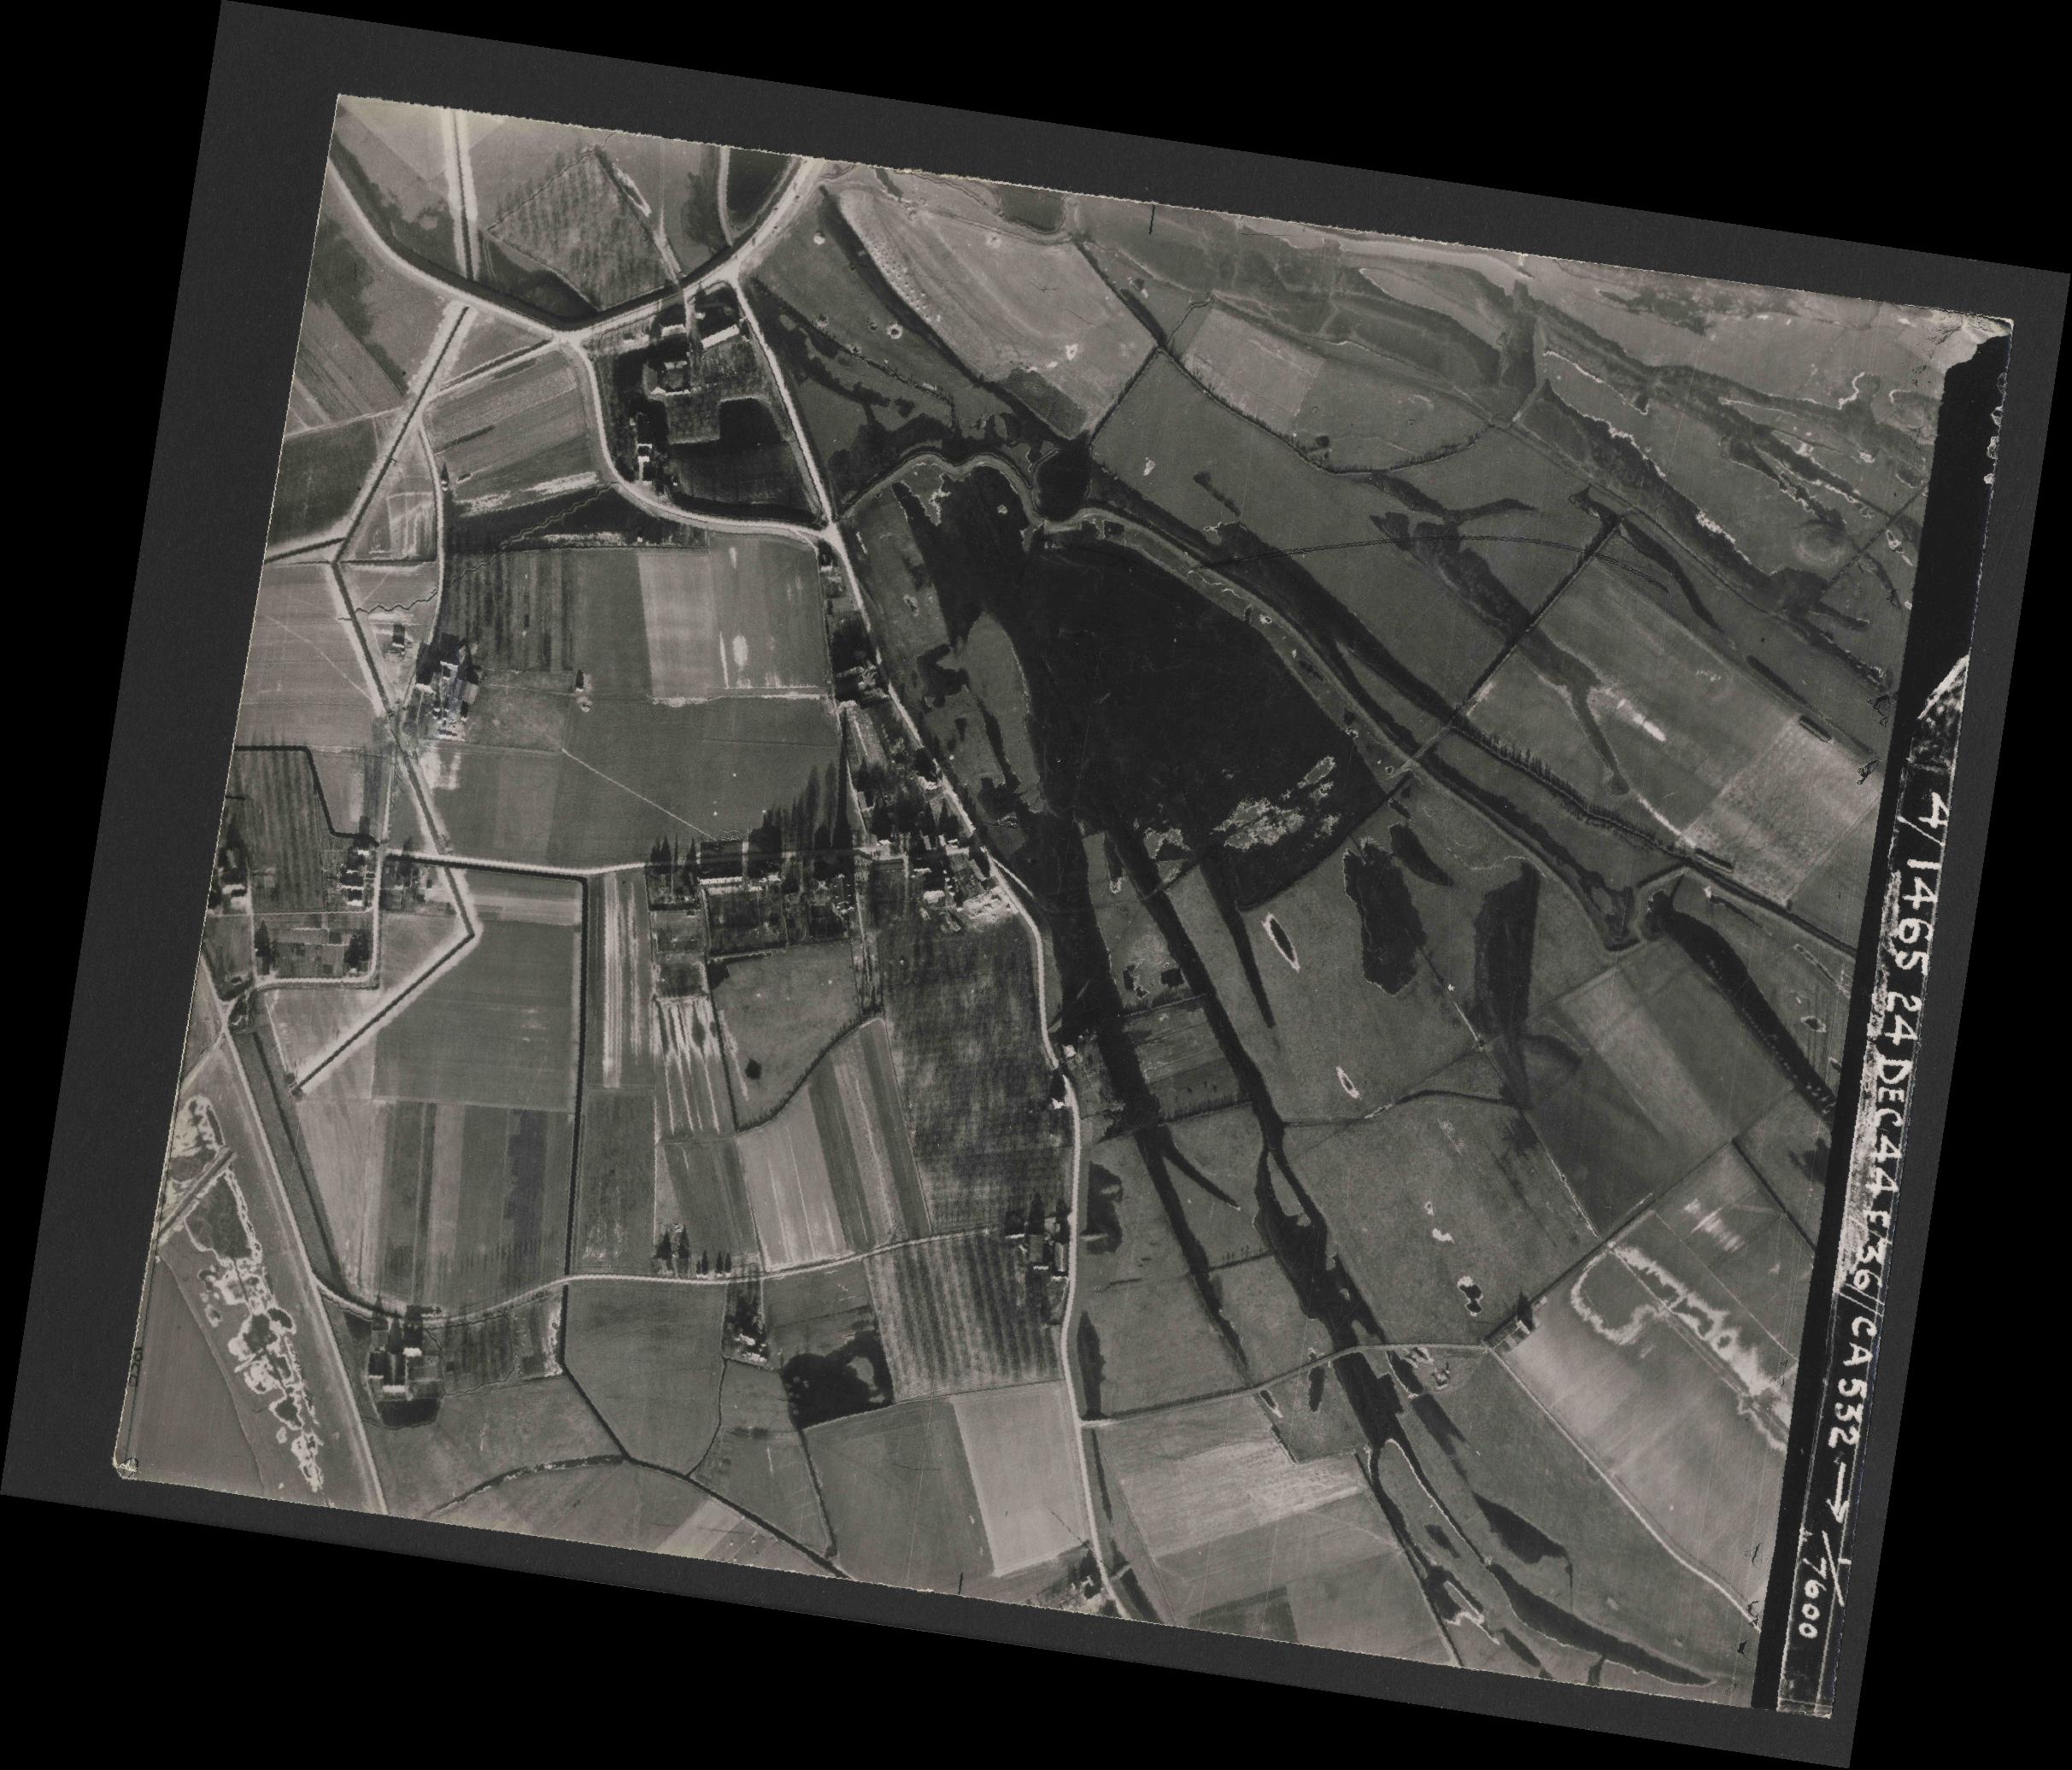 Collection RAF aerial photos 1940-1945 - flight 304, run 04, photo 3027